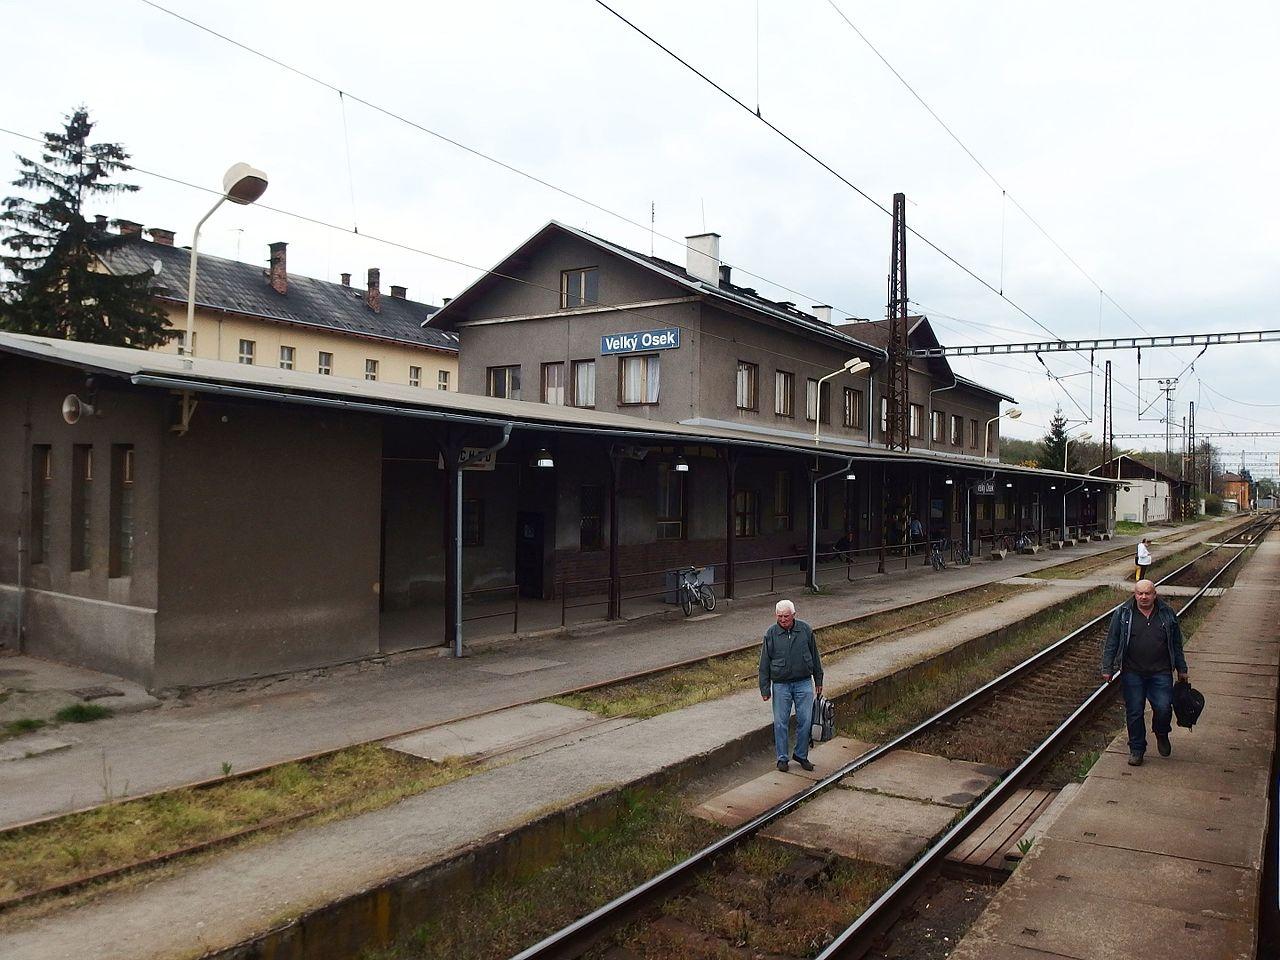 Nádraží Velký Osek. Autor: Palickap – Vlastní dílo, CC BY-SA 4.0, https://commons.wikimedia.org/w/index.php?curid=49738695